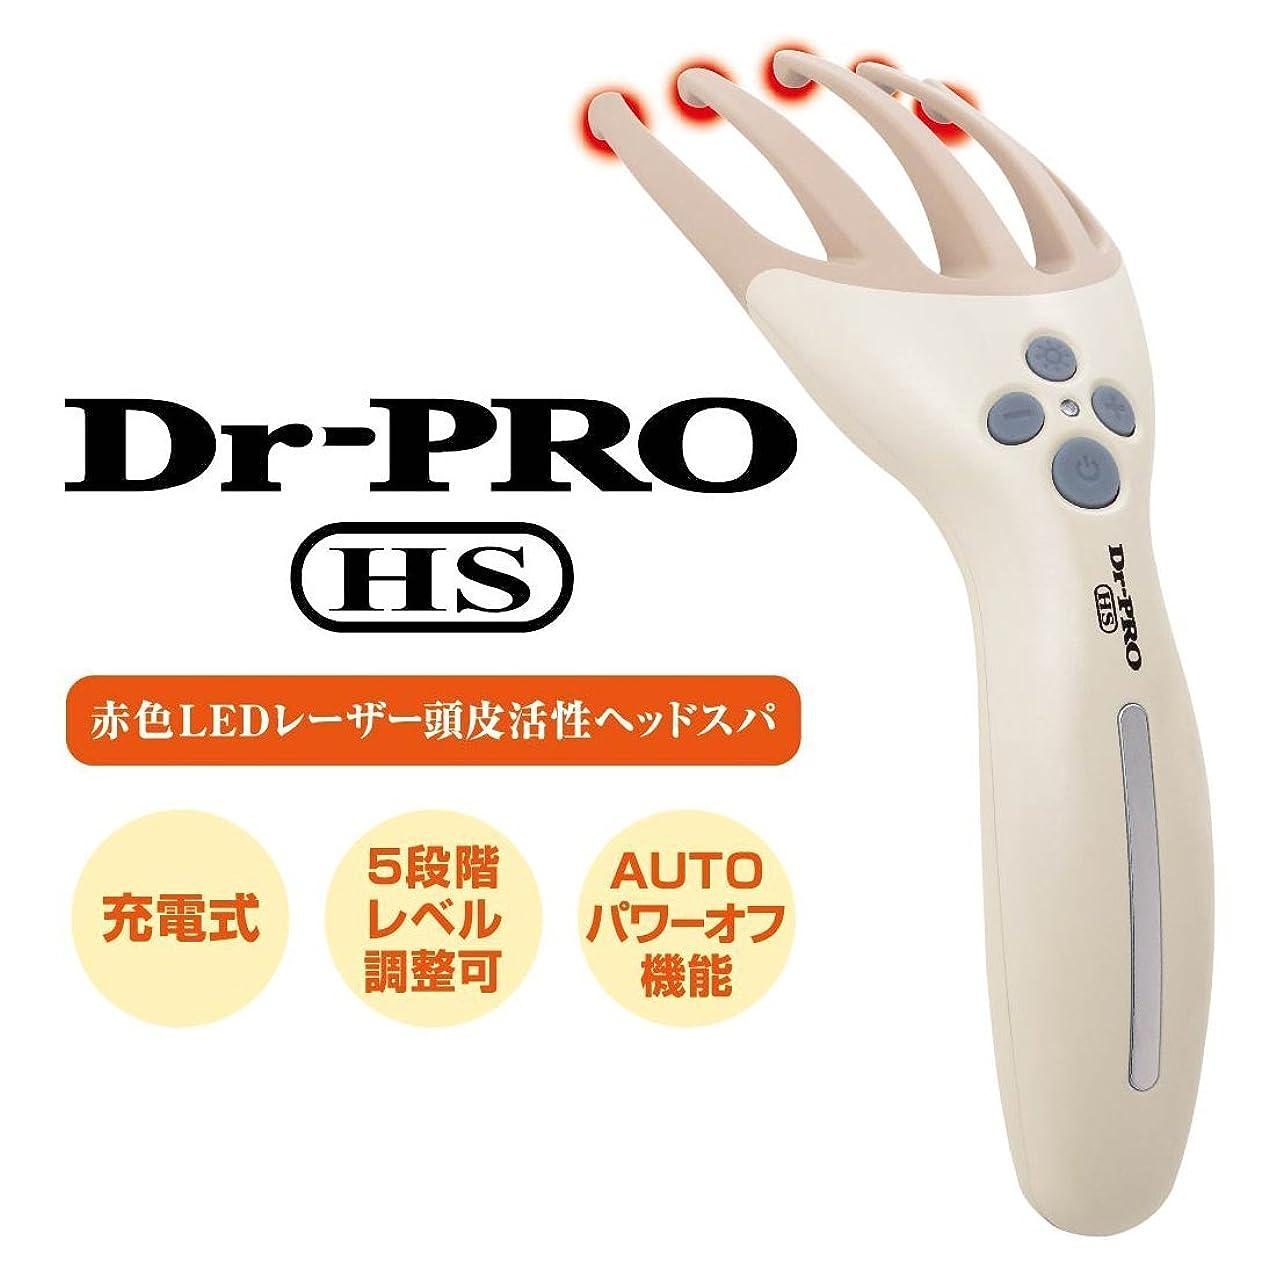 成り立つ行為ほんのDr-PRO HS(ドクタープロ ヘッドスパ)